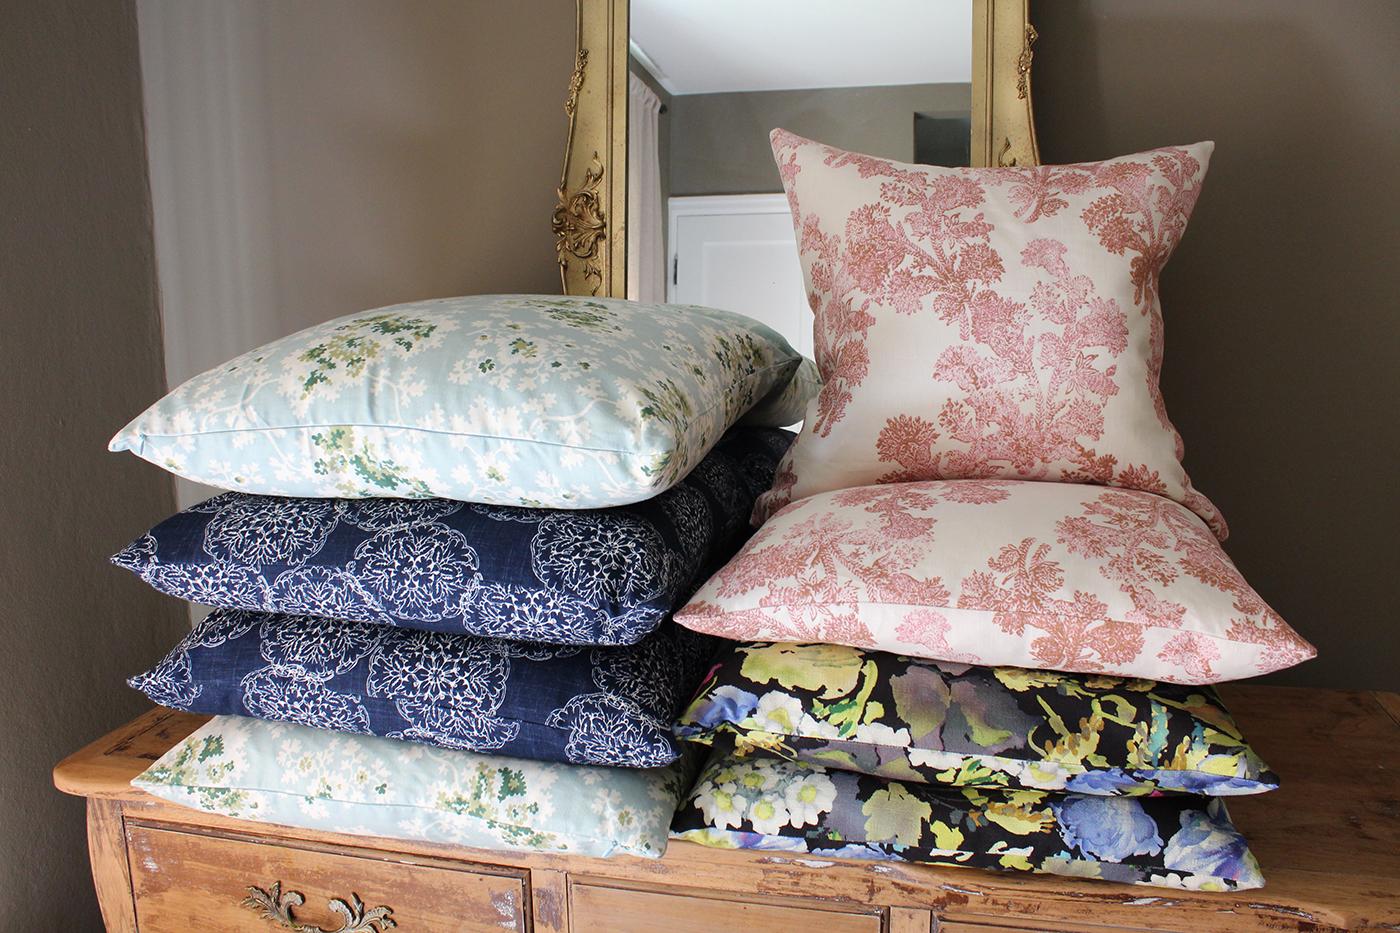 manderley-design-co-custom-pillows.jpg